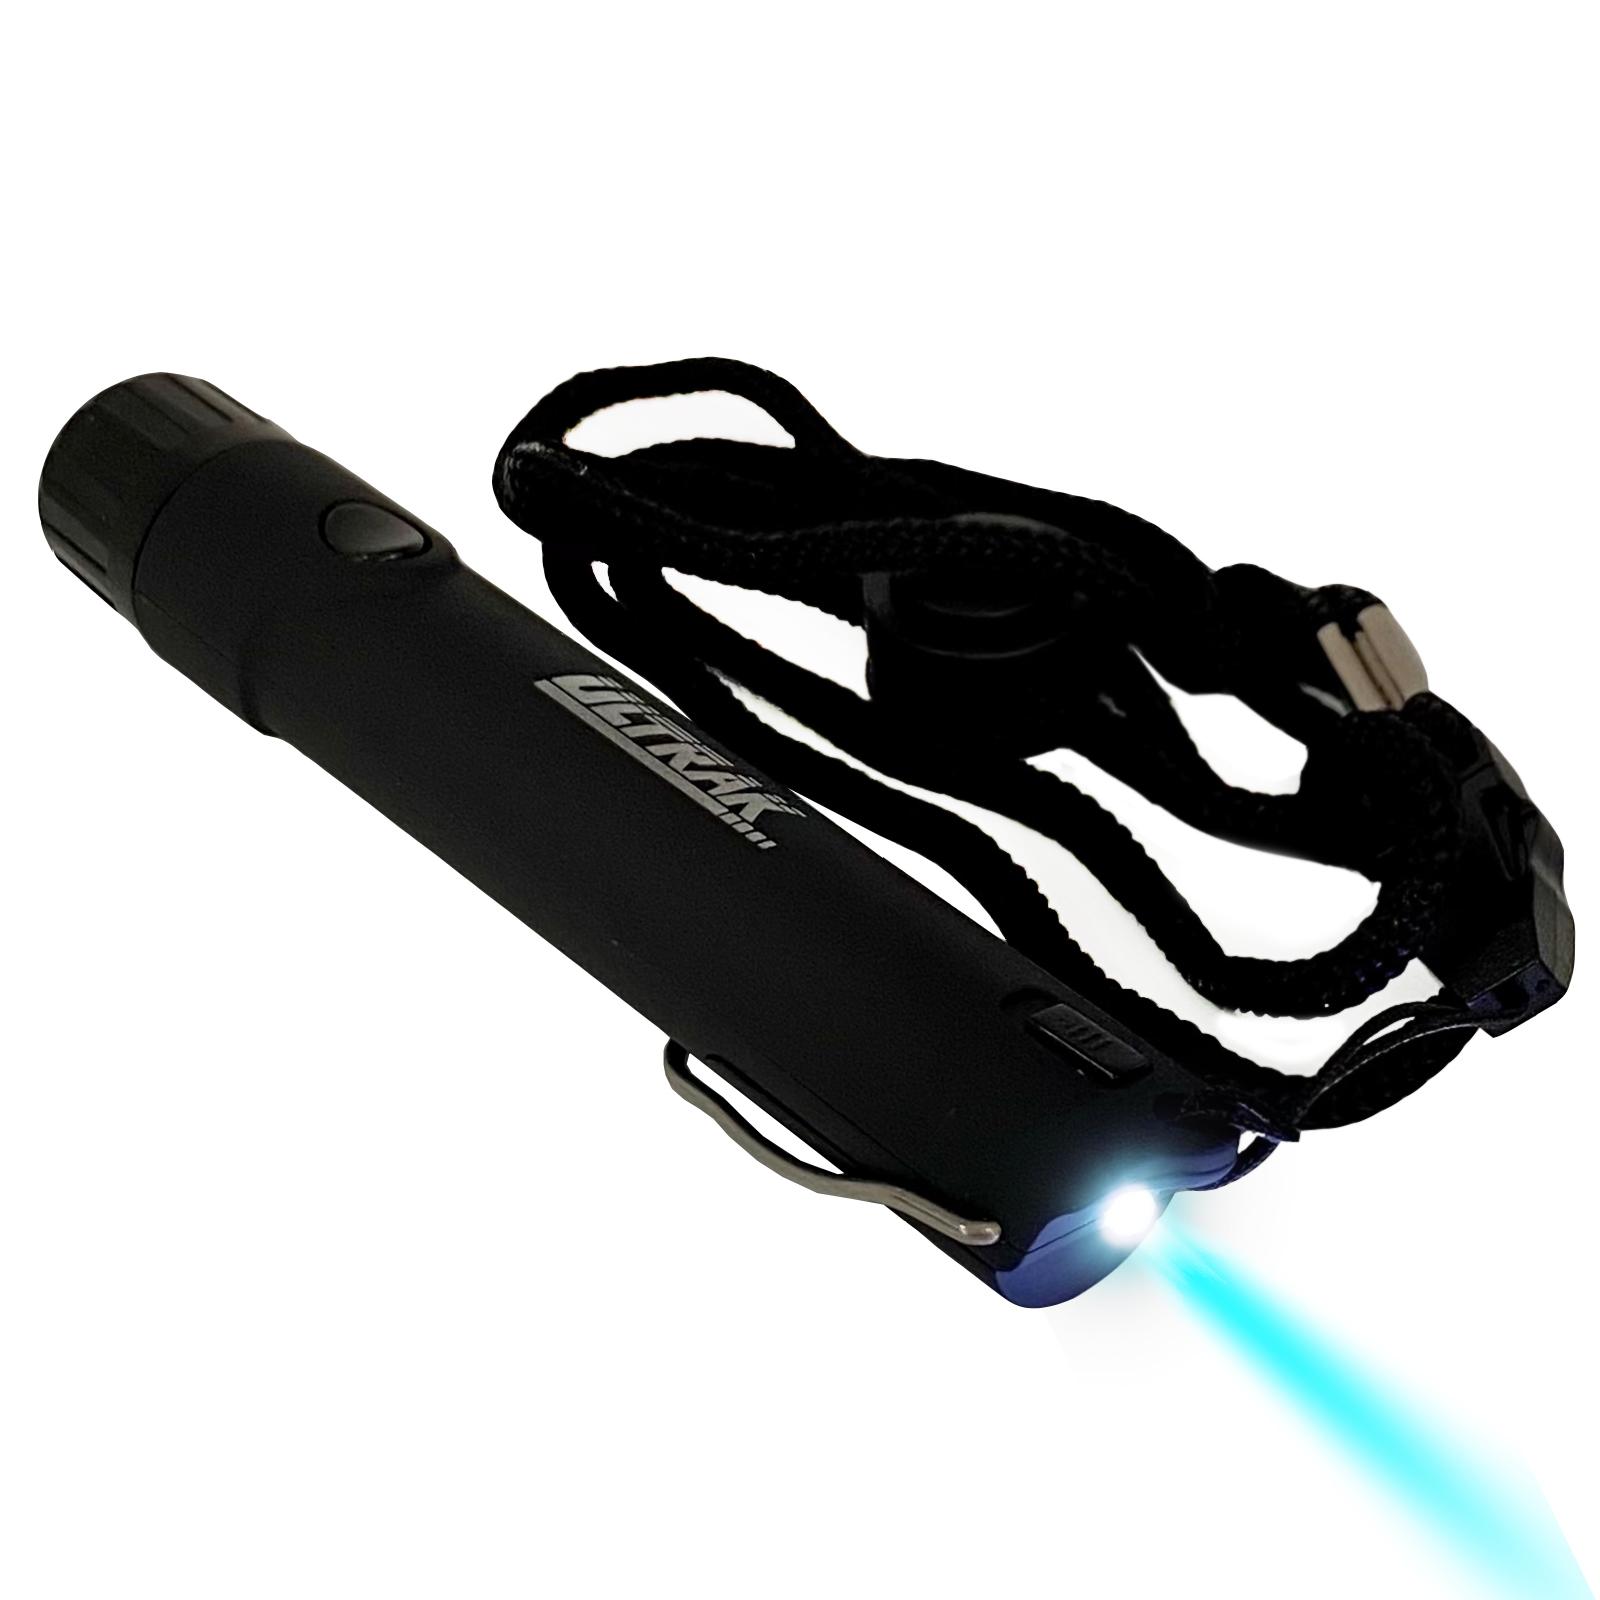 Электронный свисток Ultrak 125 c фонариком (черный)